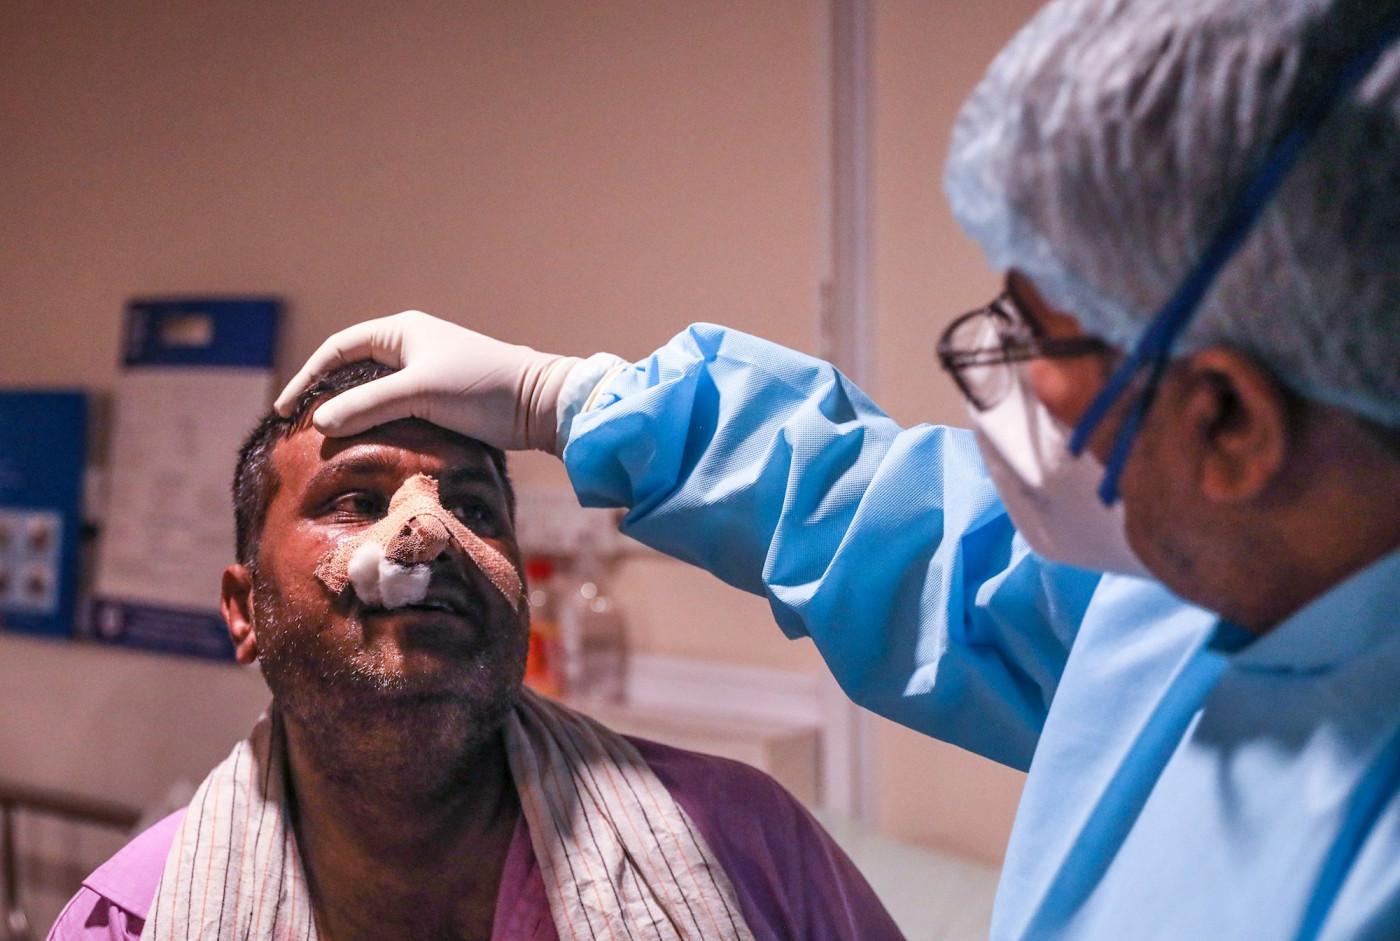 Profissional da saúde olha para paciente contaminado pelo fungo negro